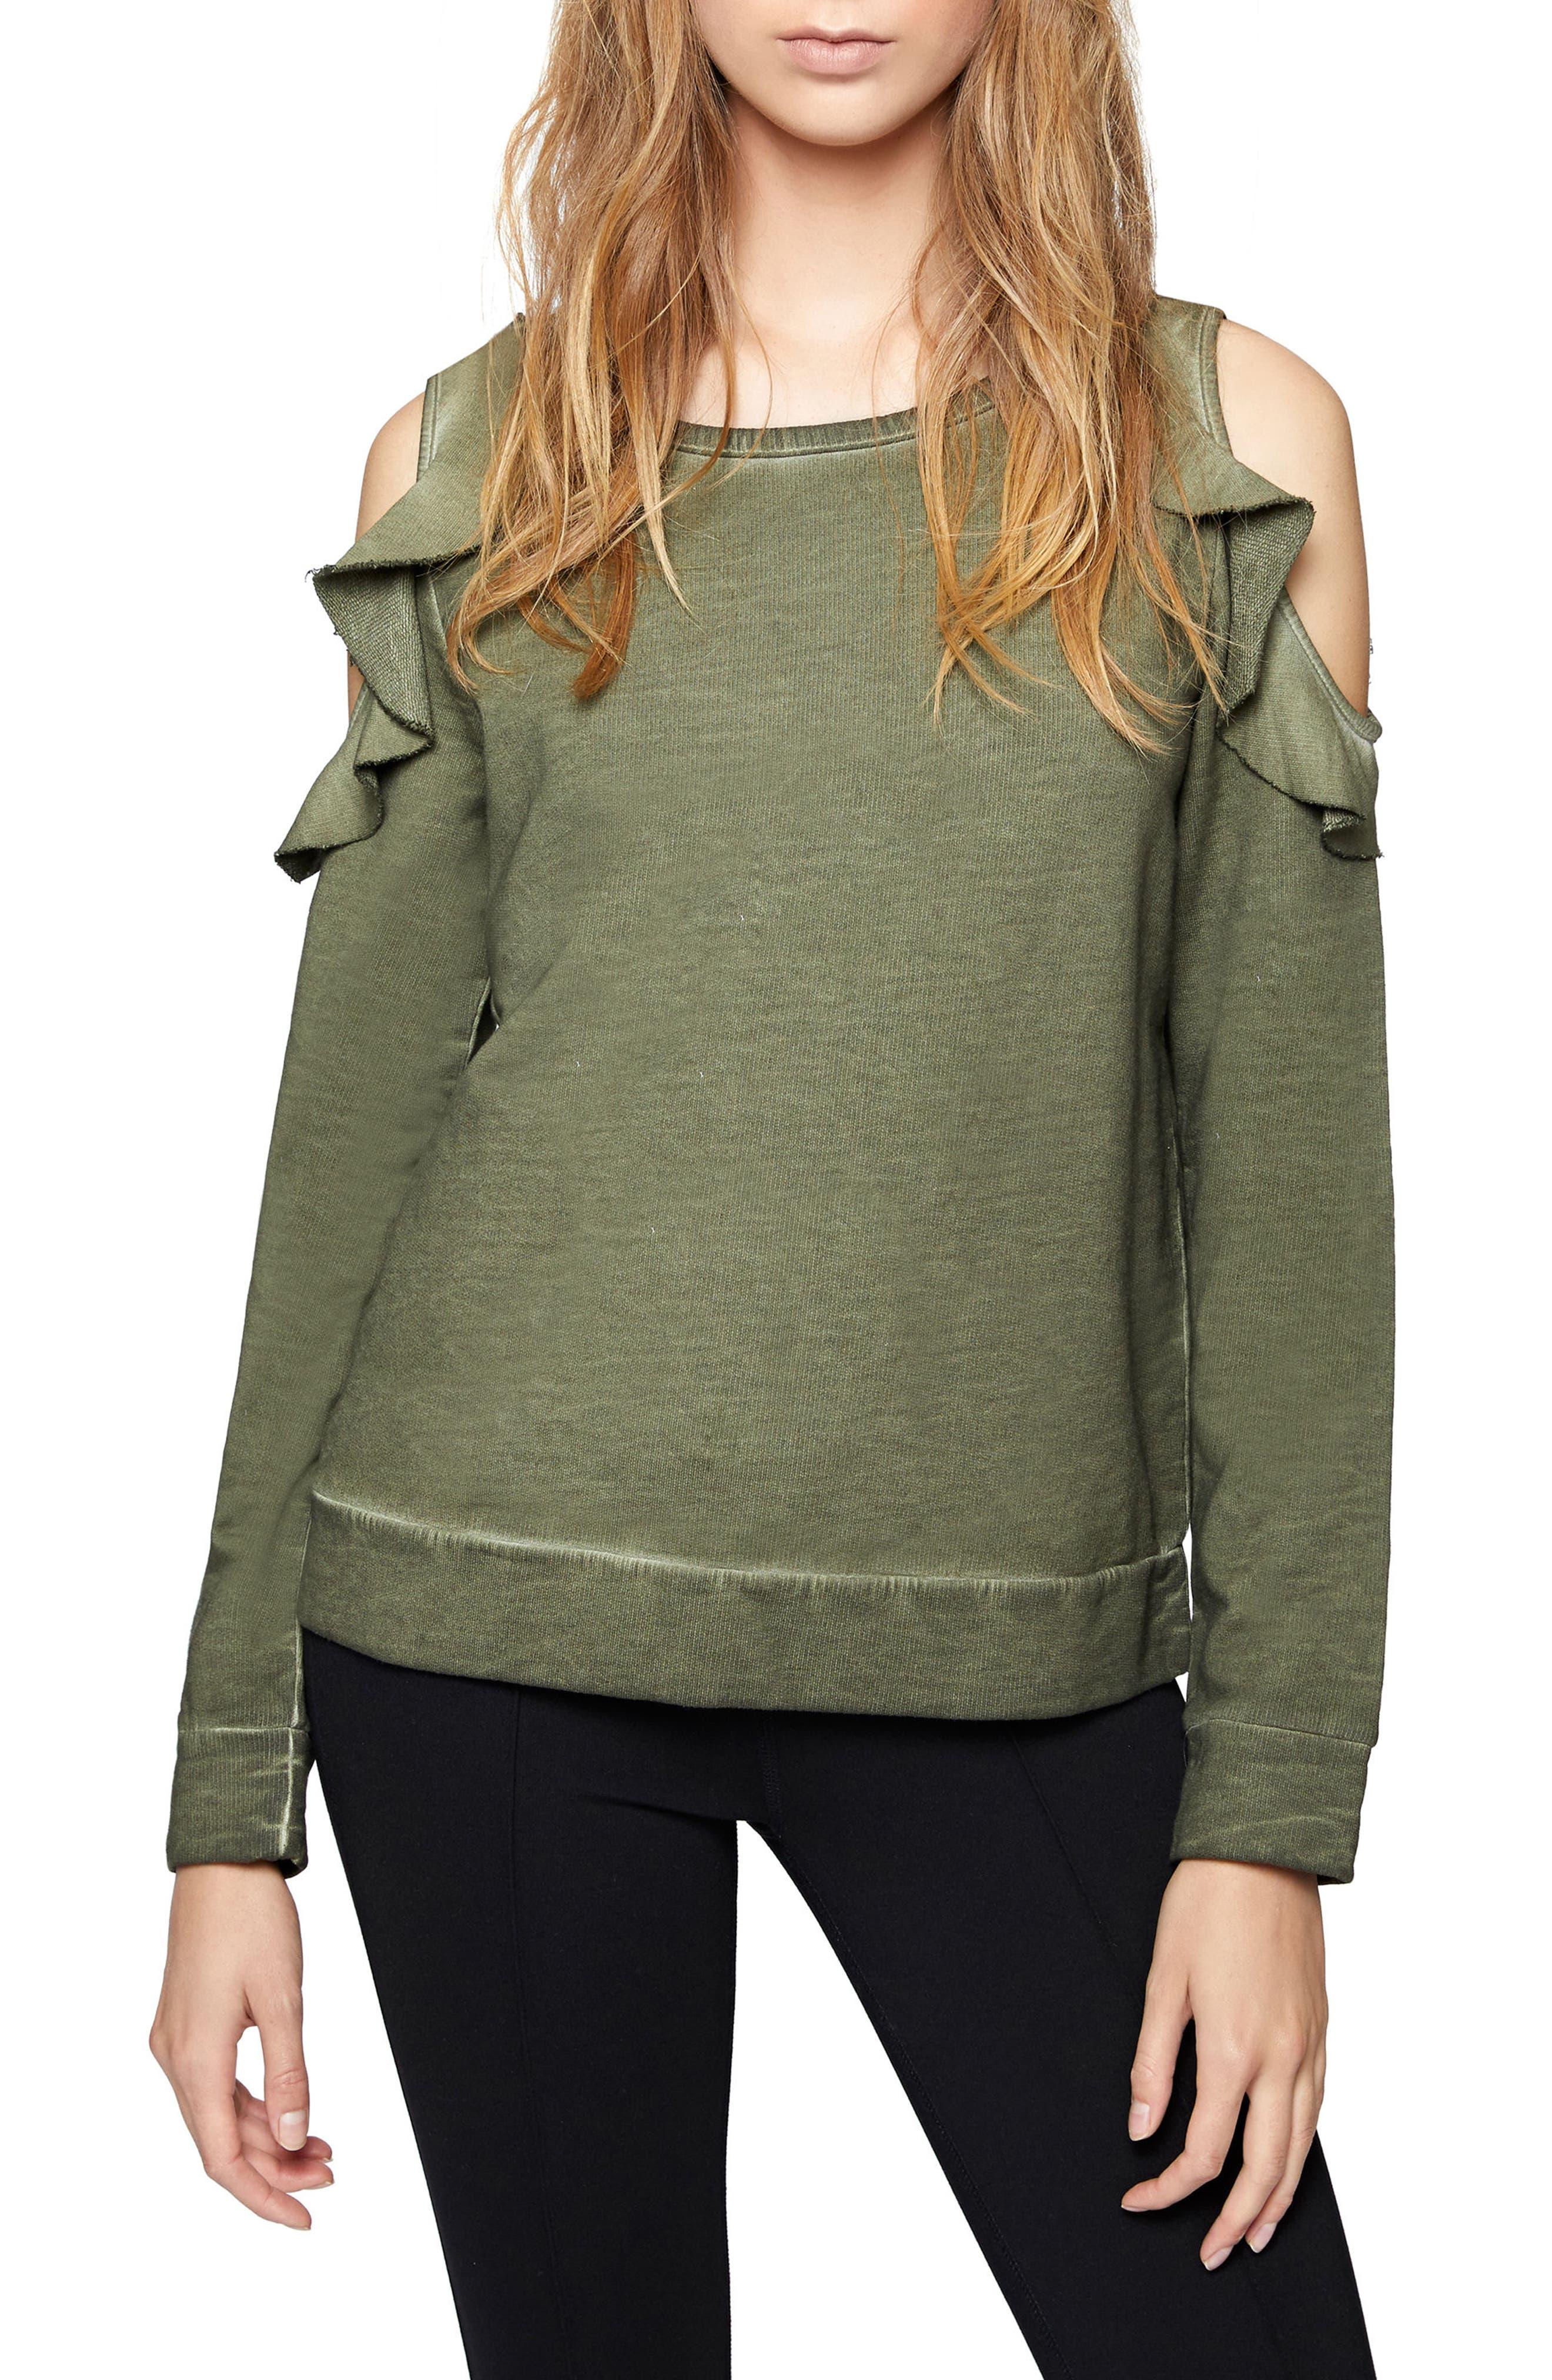 Ashley Bare Ruffle Sweatshirt,                             Main thumbnail 1, color,                             301